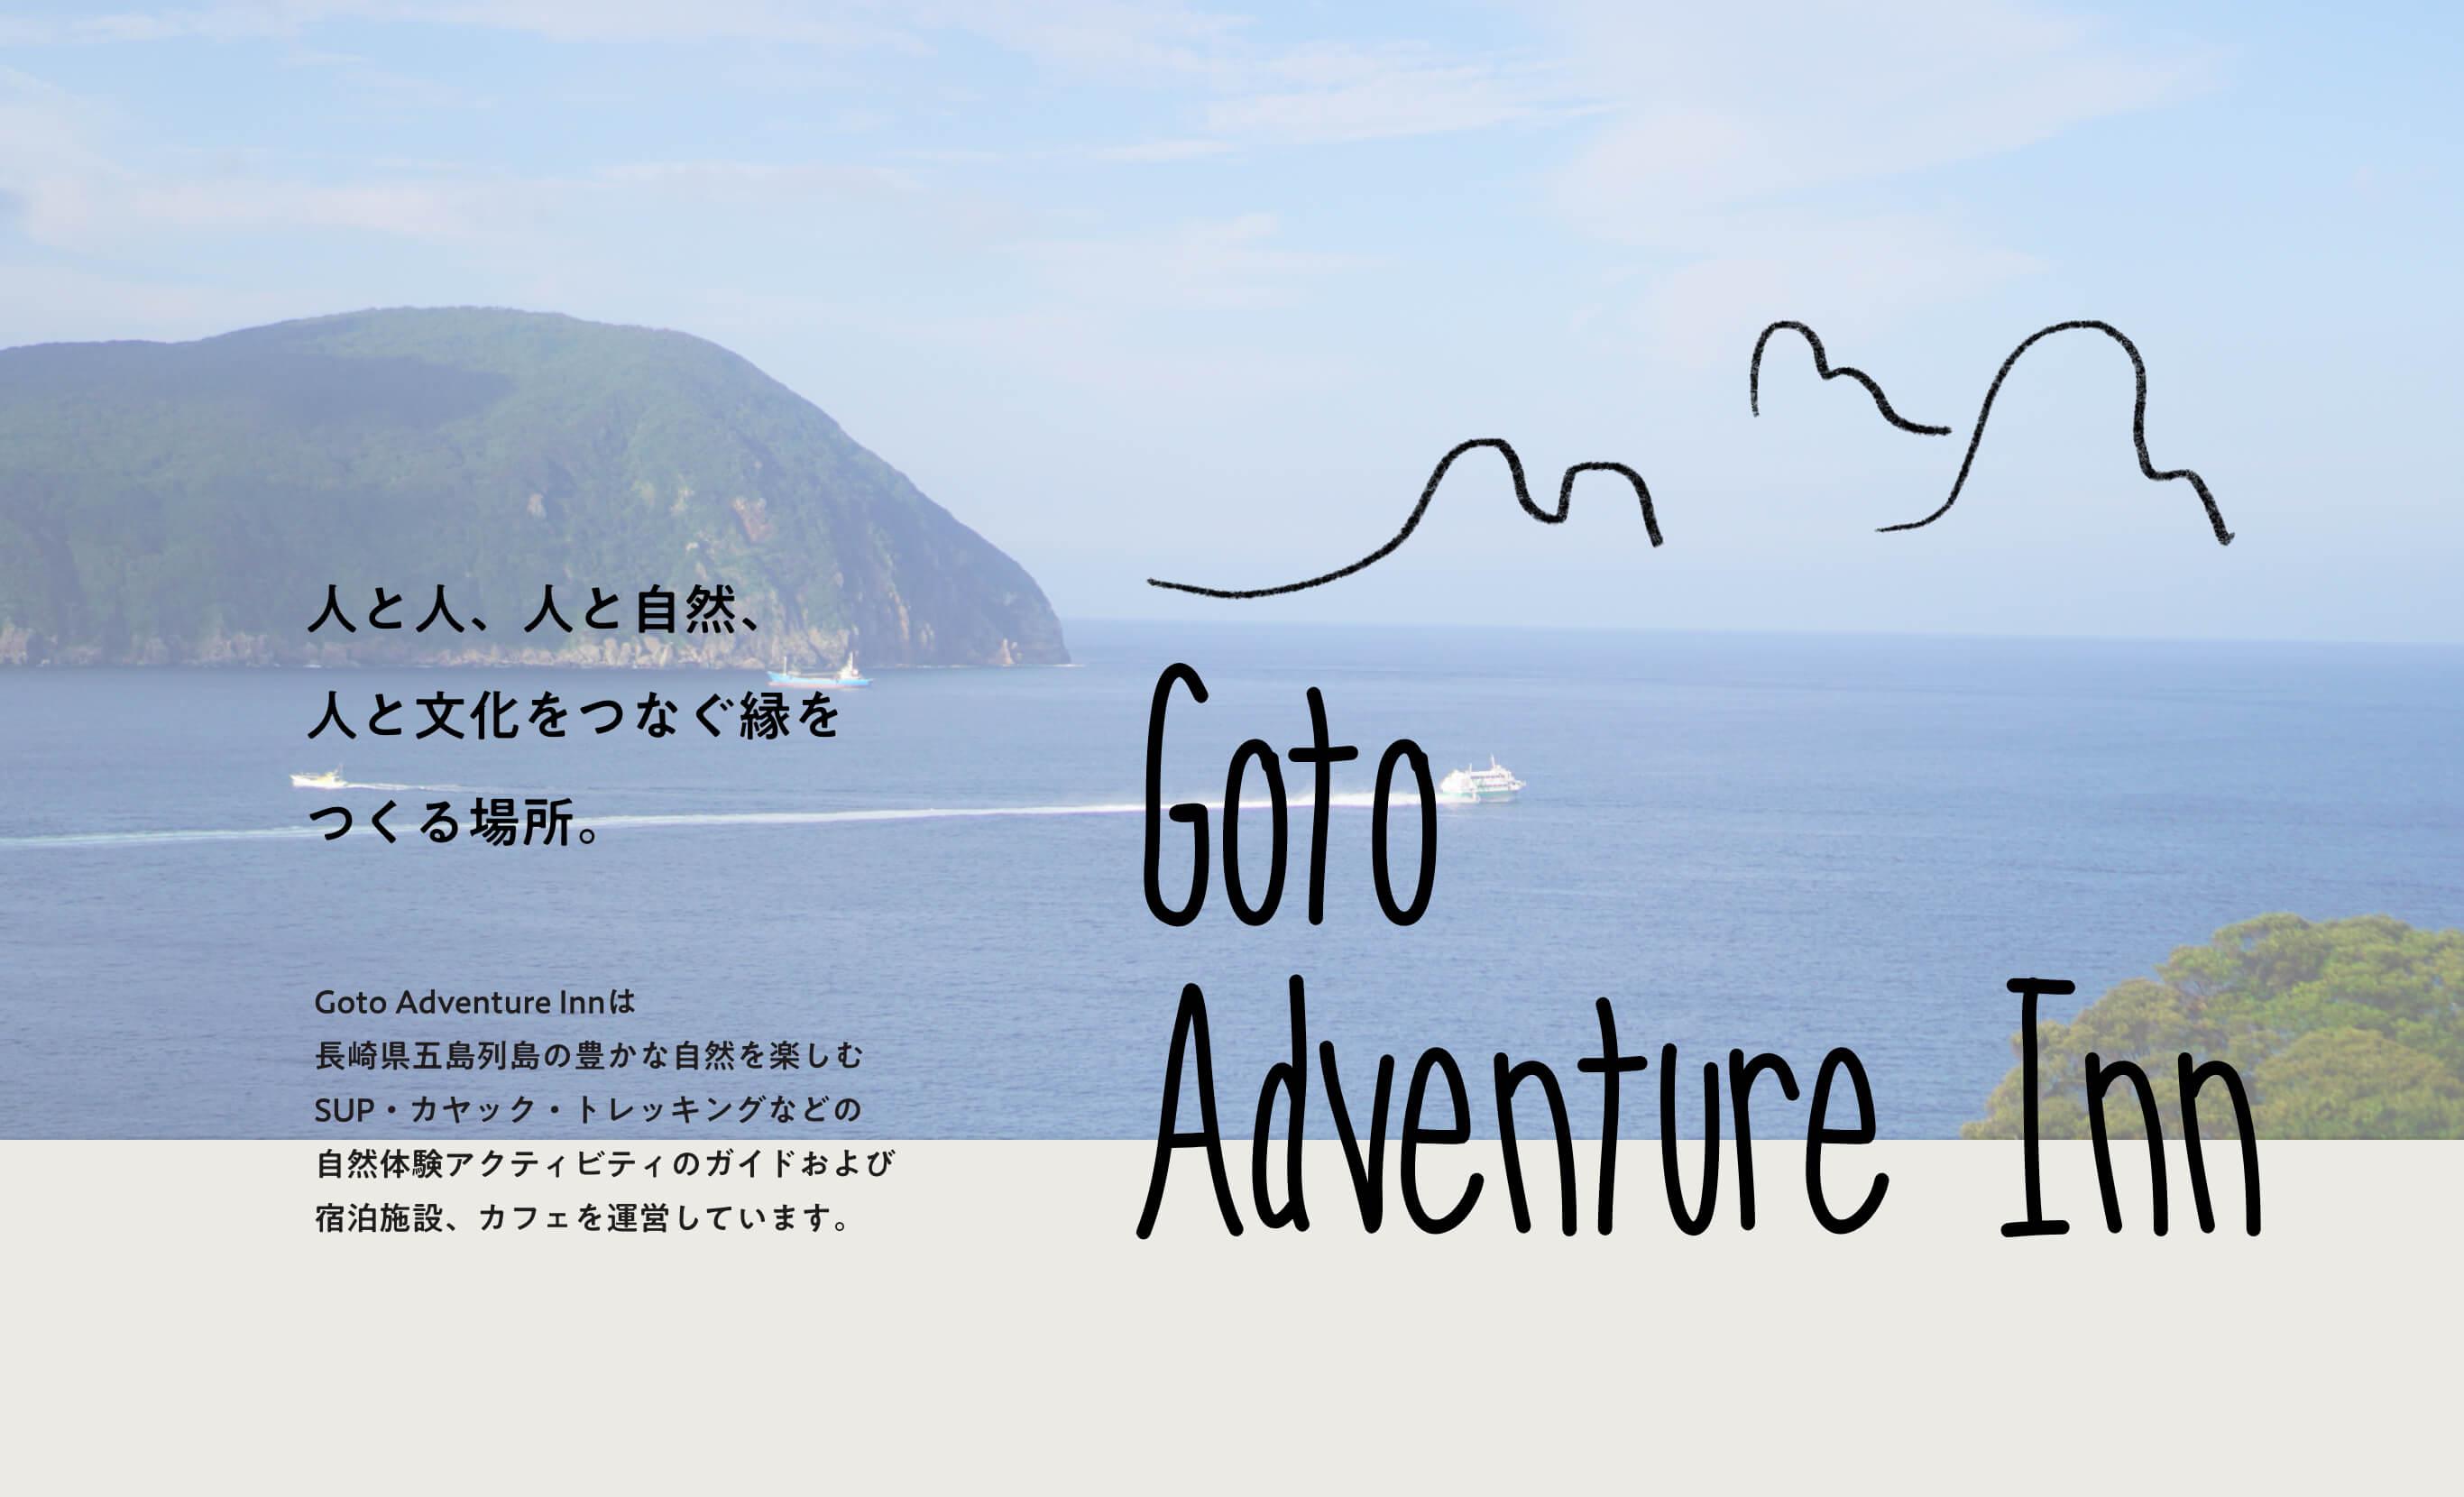 GotoAdventureInn